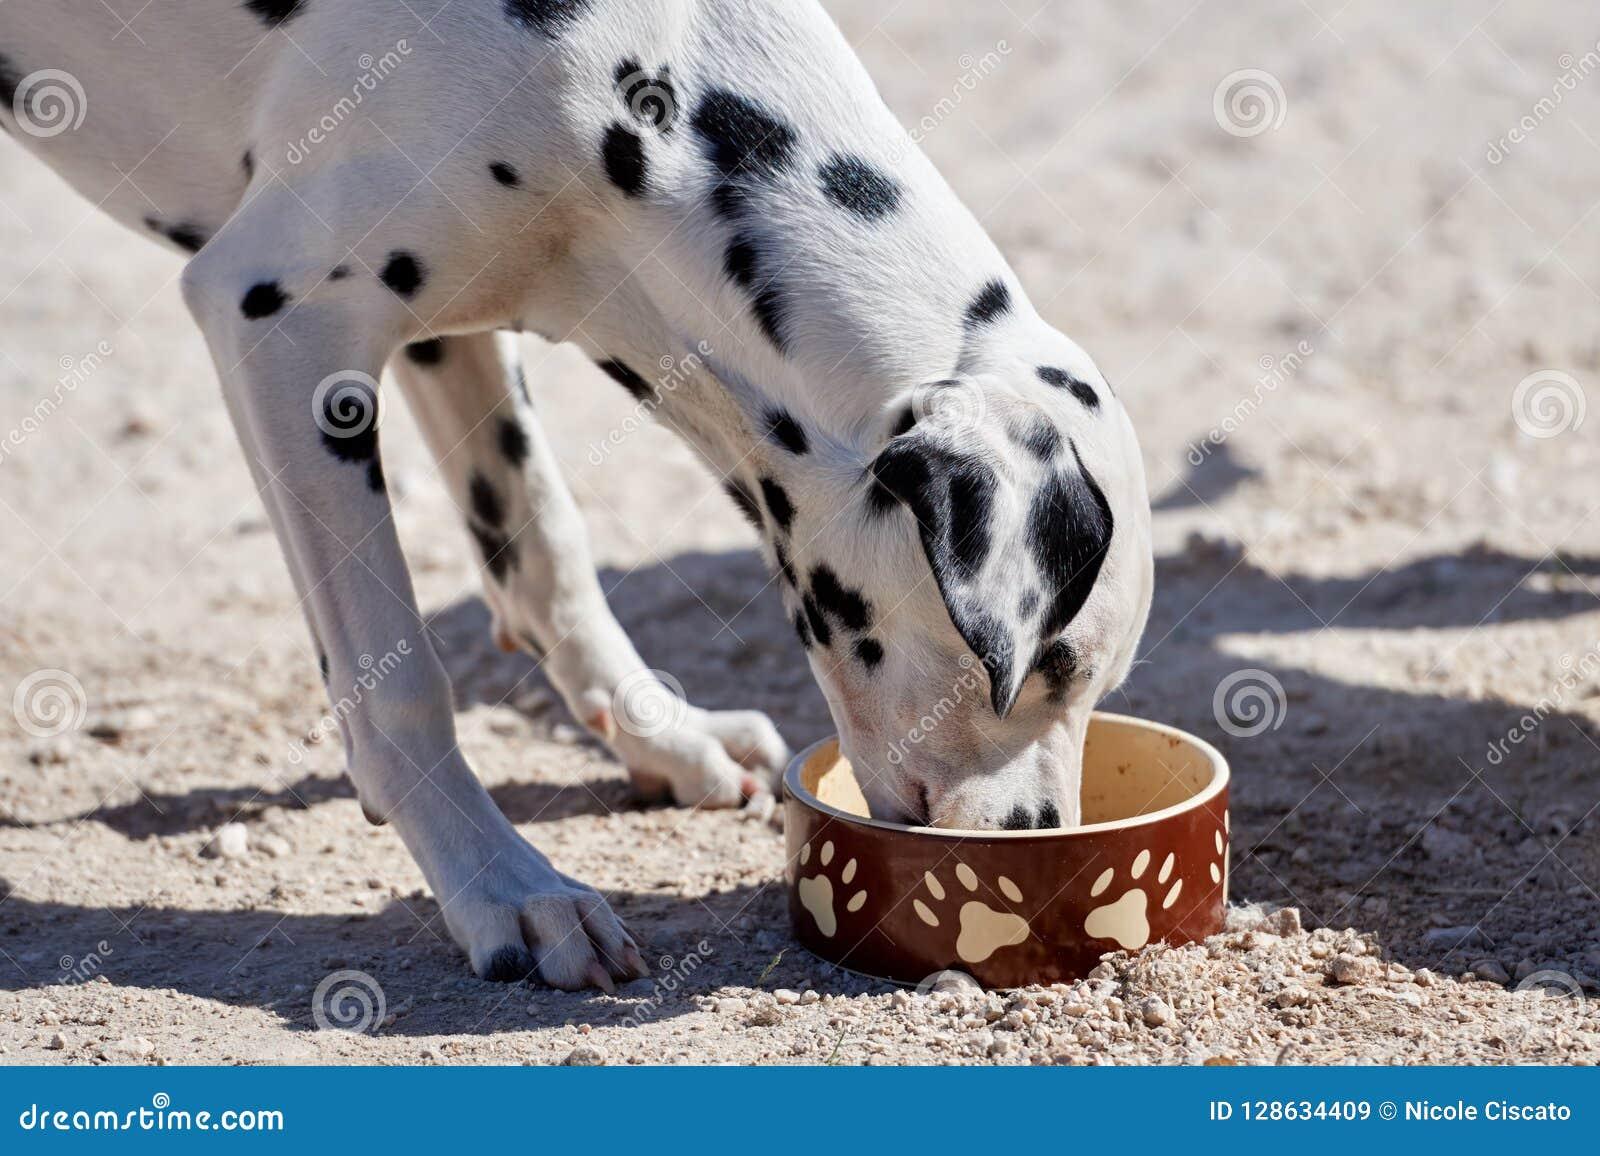 Le chiot dalmatien mange de la nourriture sèche d une cuvette